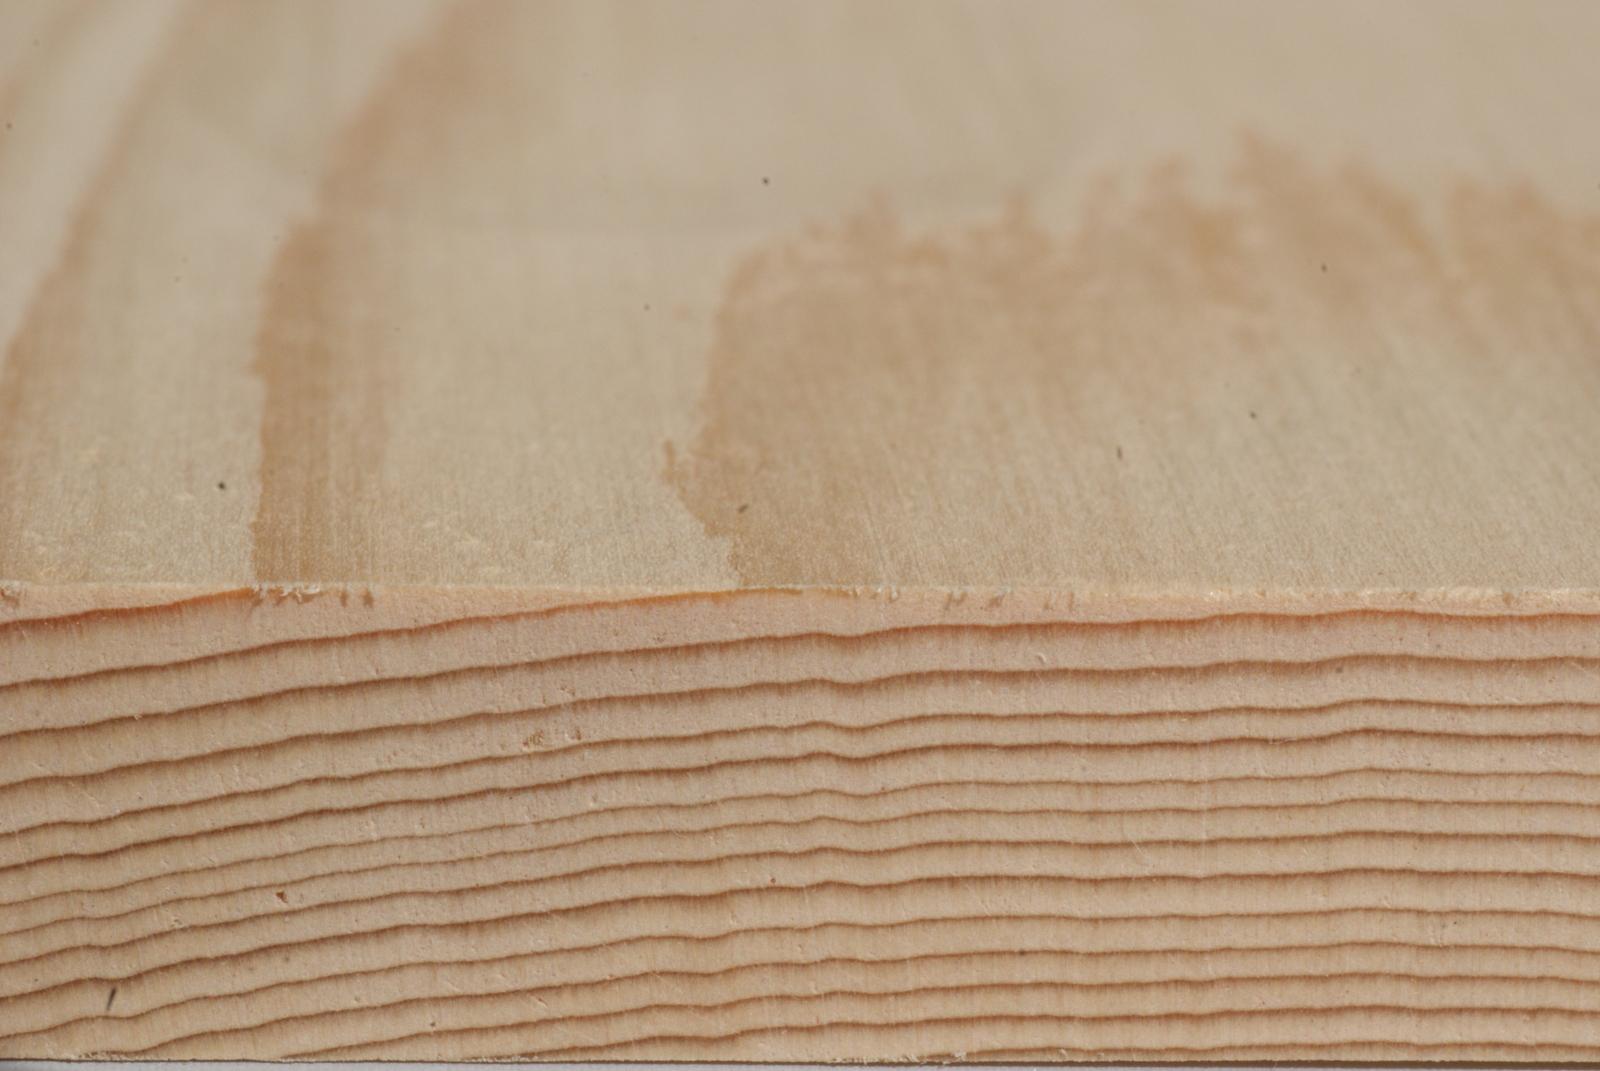 Häufig Hemlock - Merkmale & Eigenschaften - Holz vom Fach MI83